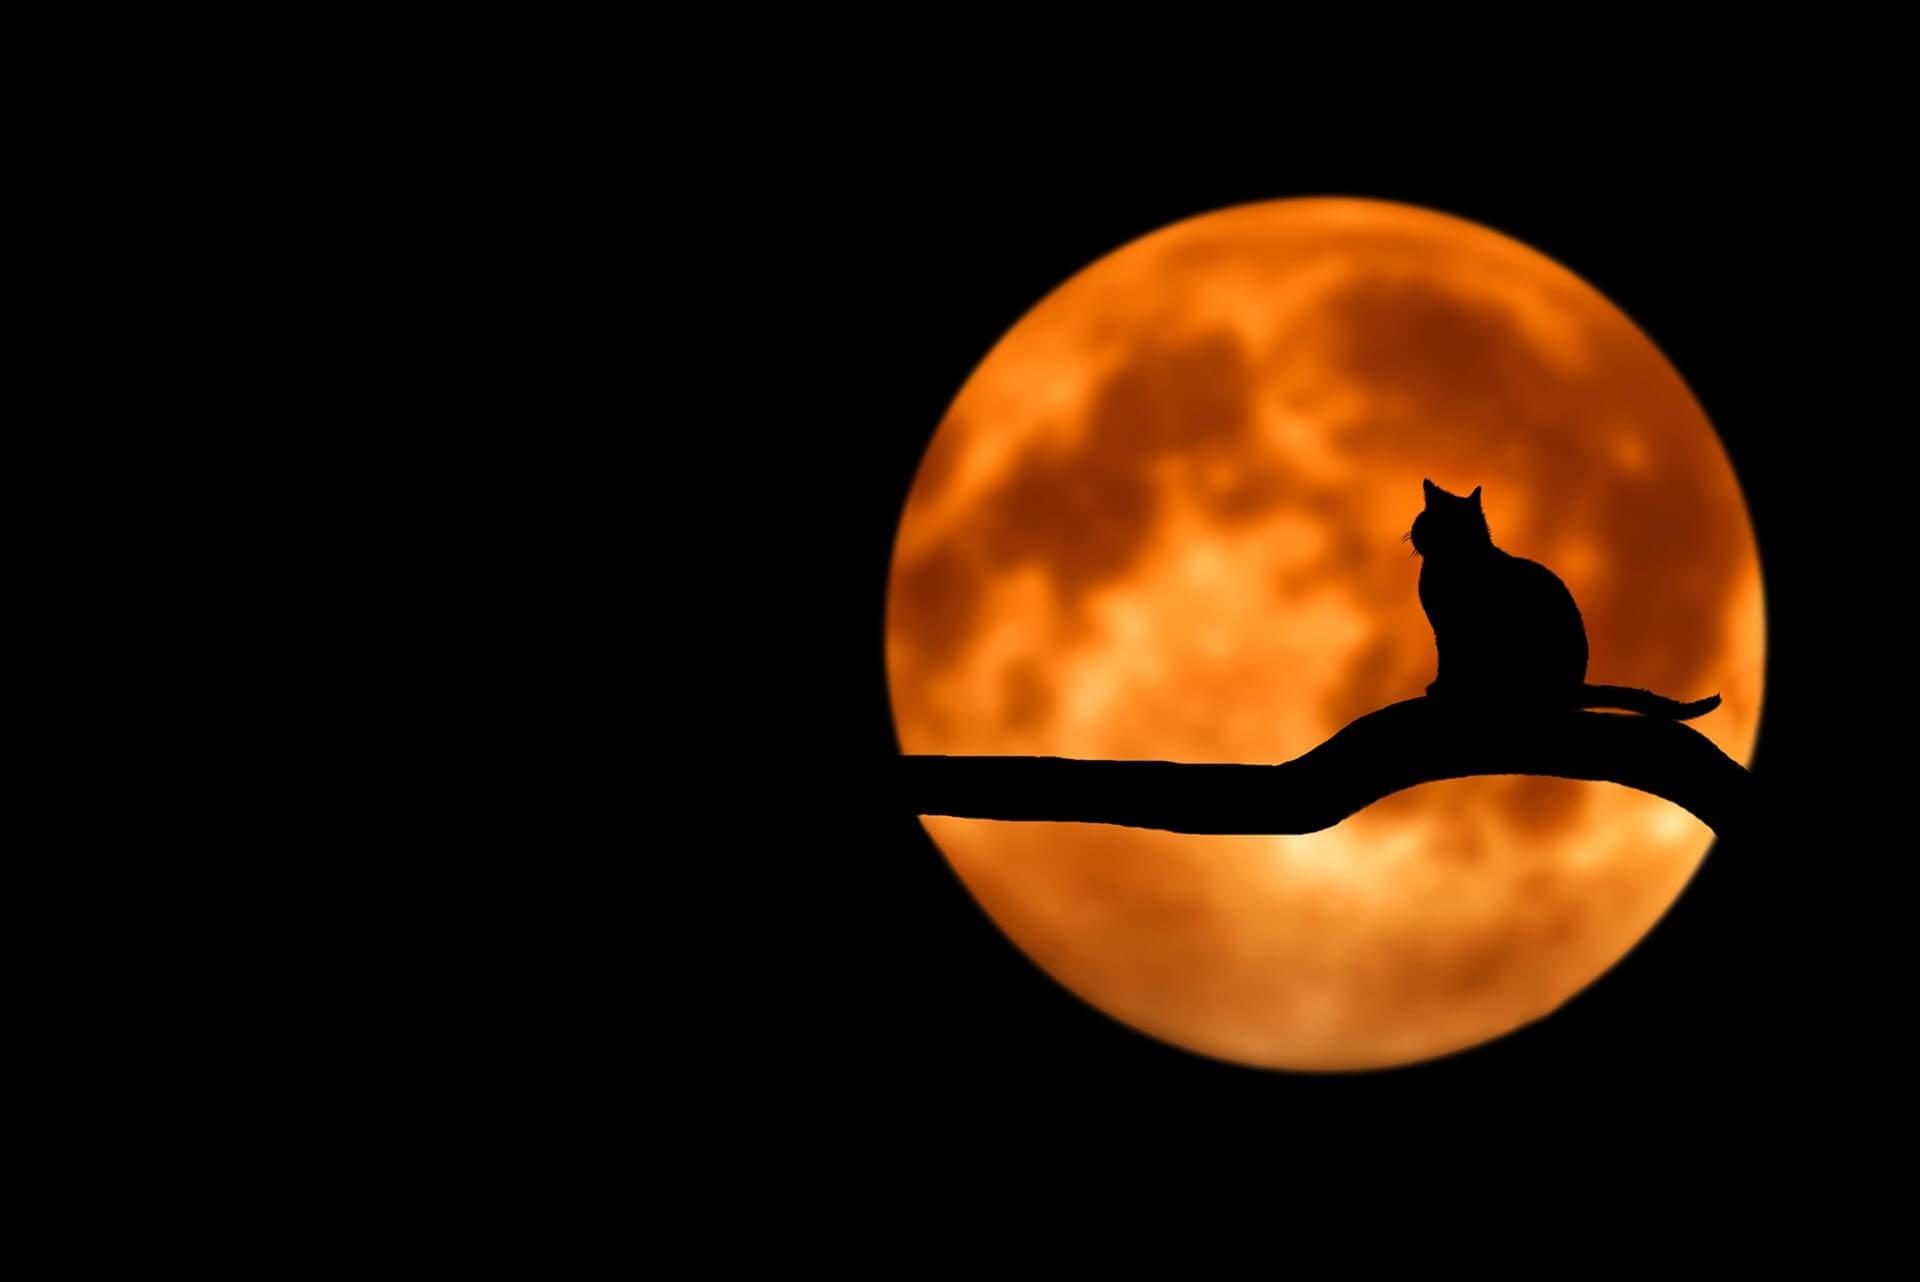 Bakeneko cat symbolism